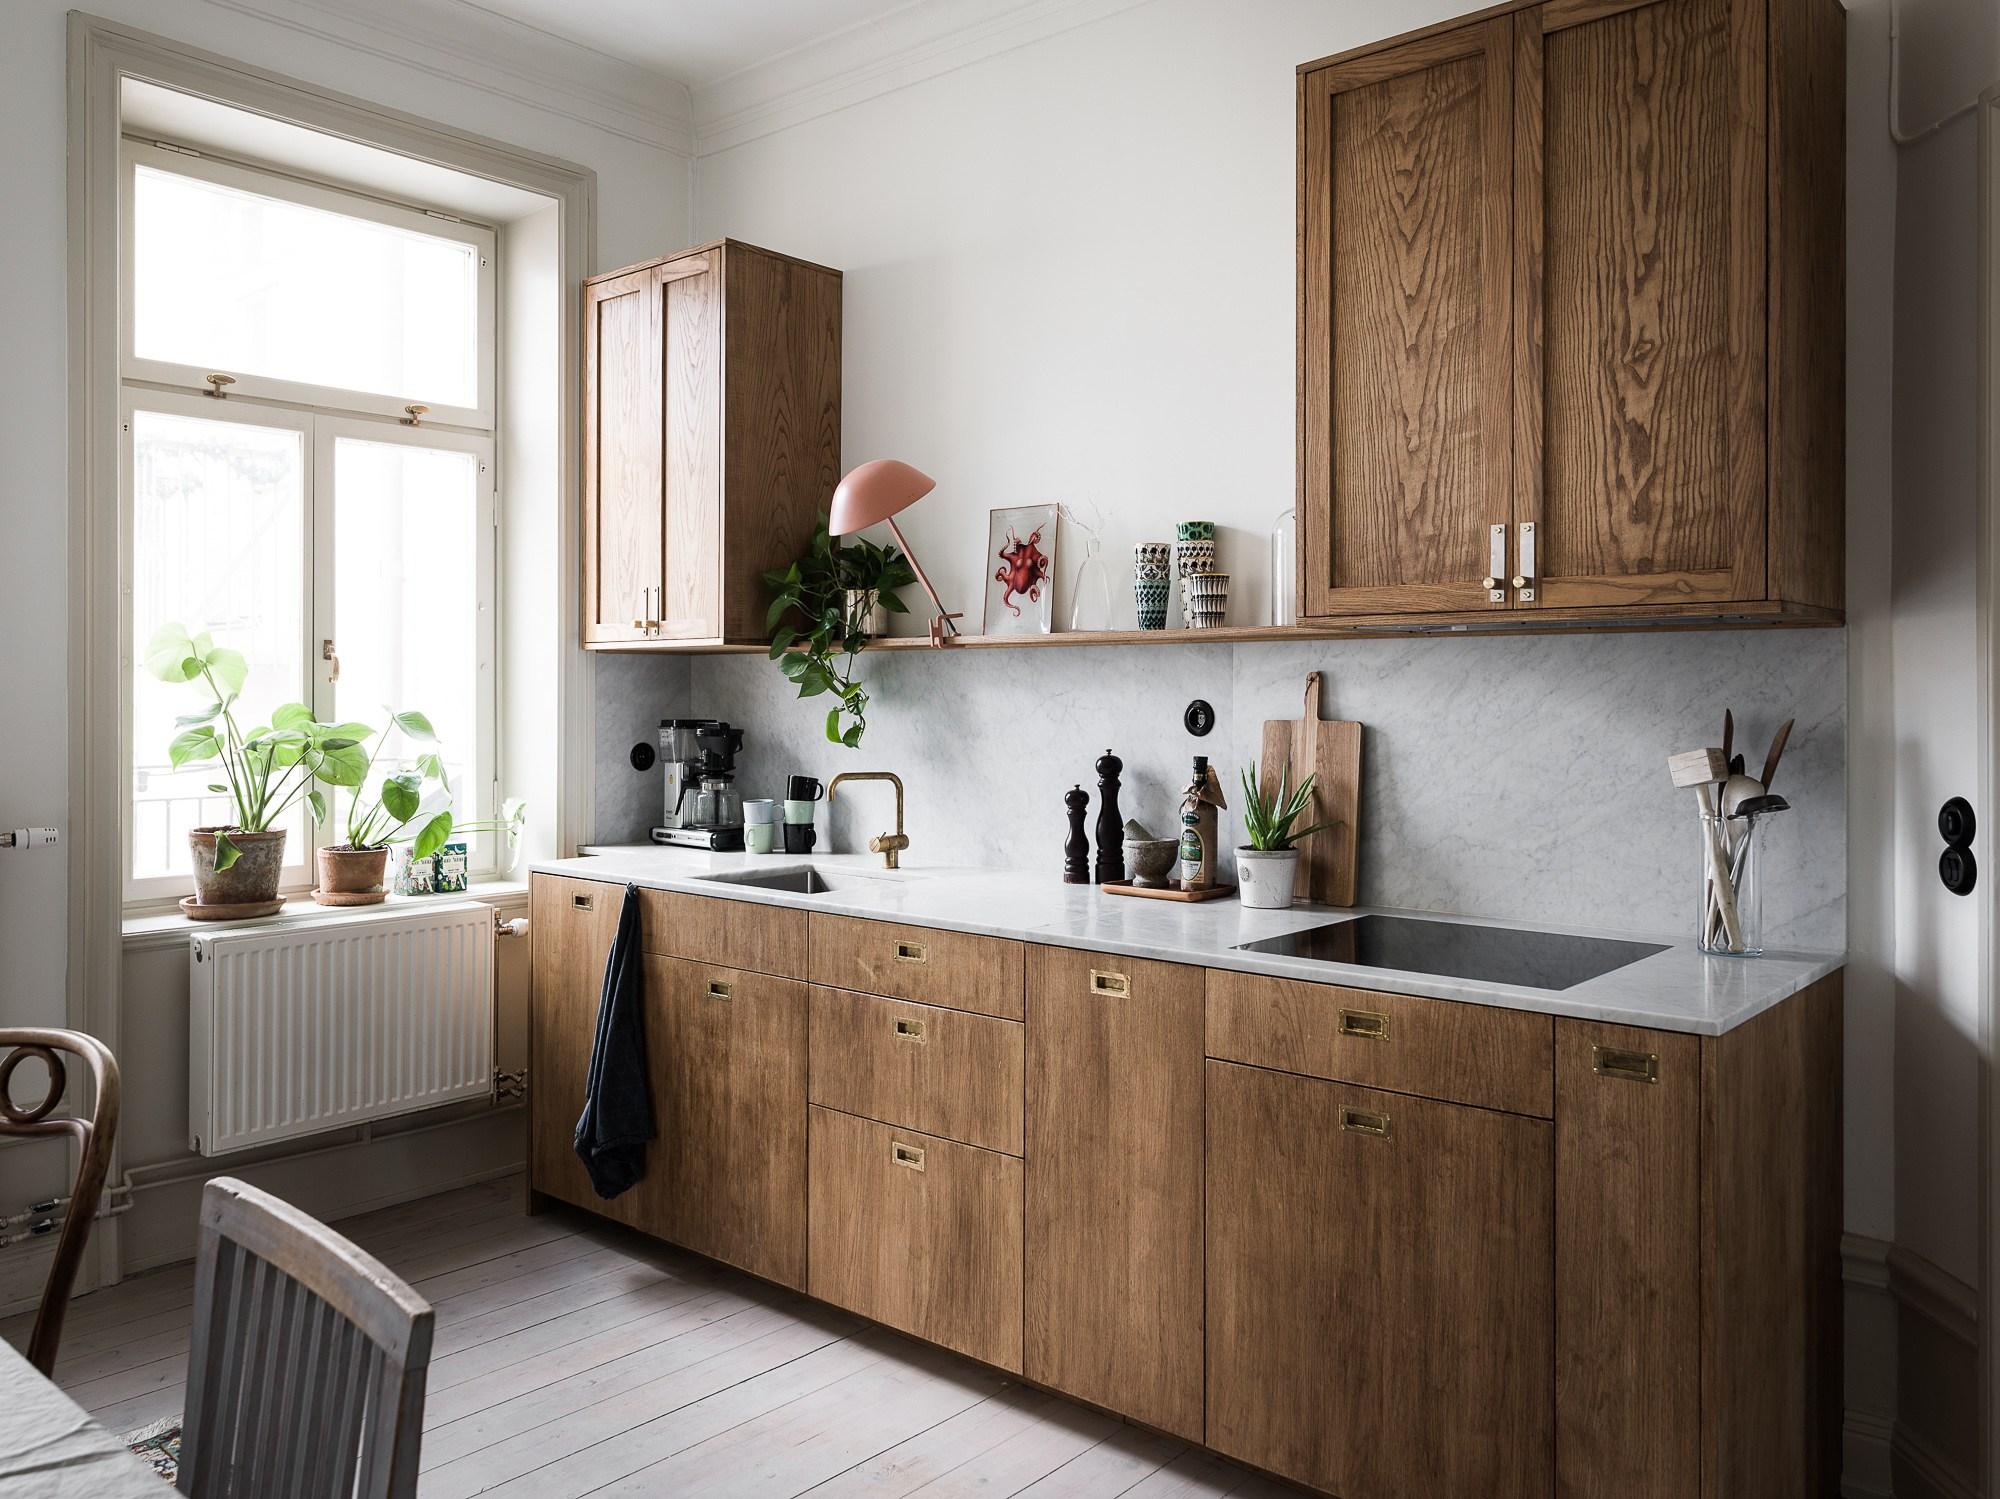 Une cuisine en marbre et bois - Lili in wonderland